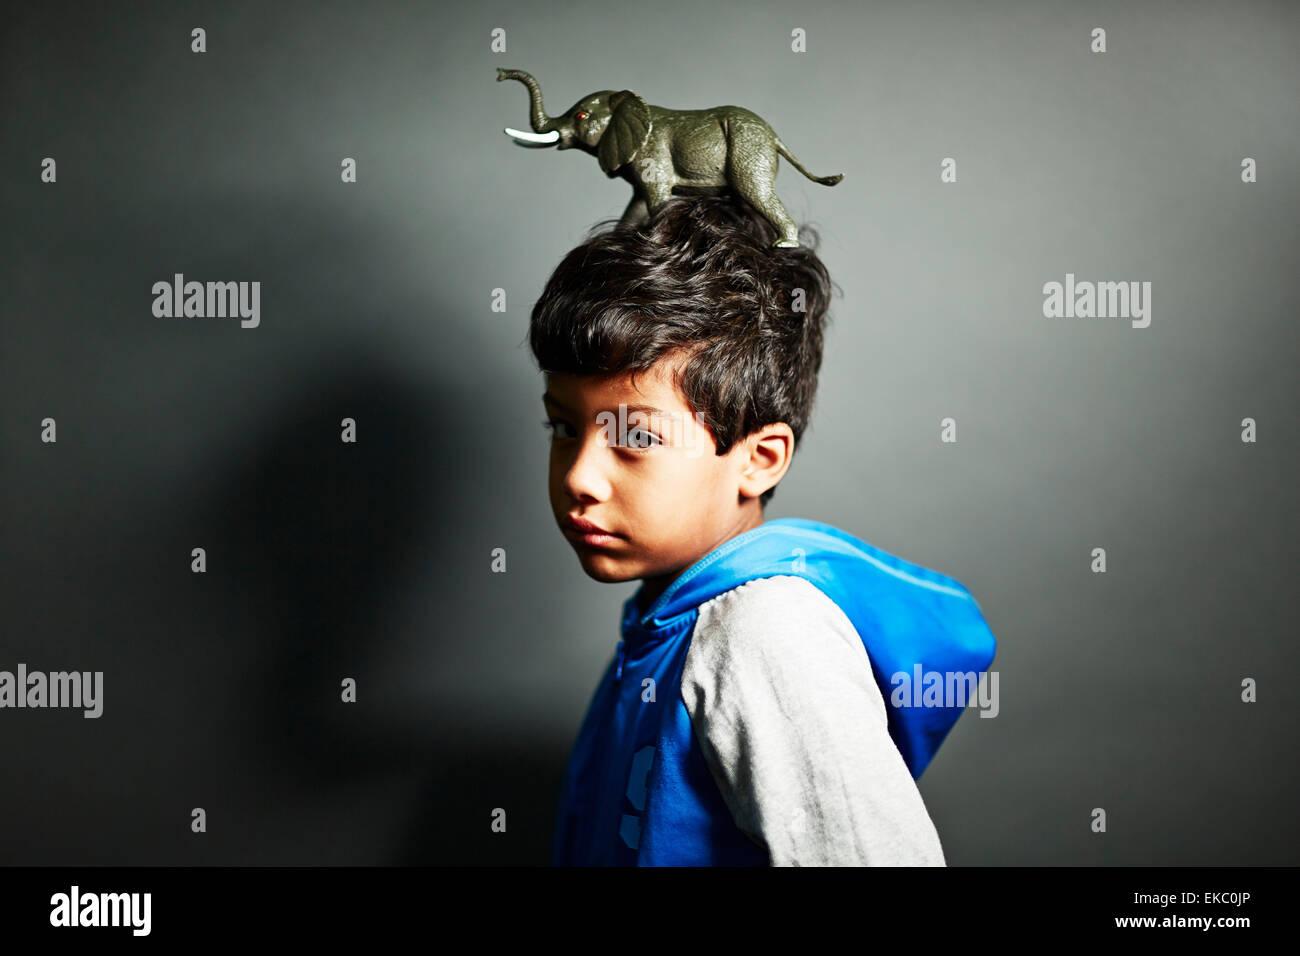 Niño con ornamento de elefante en la parte superior de la cabeza Imagen De Stock